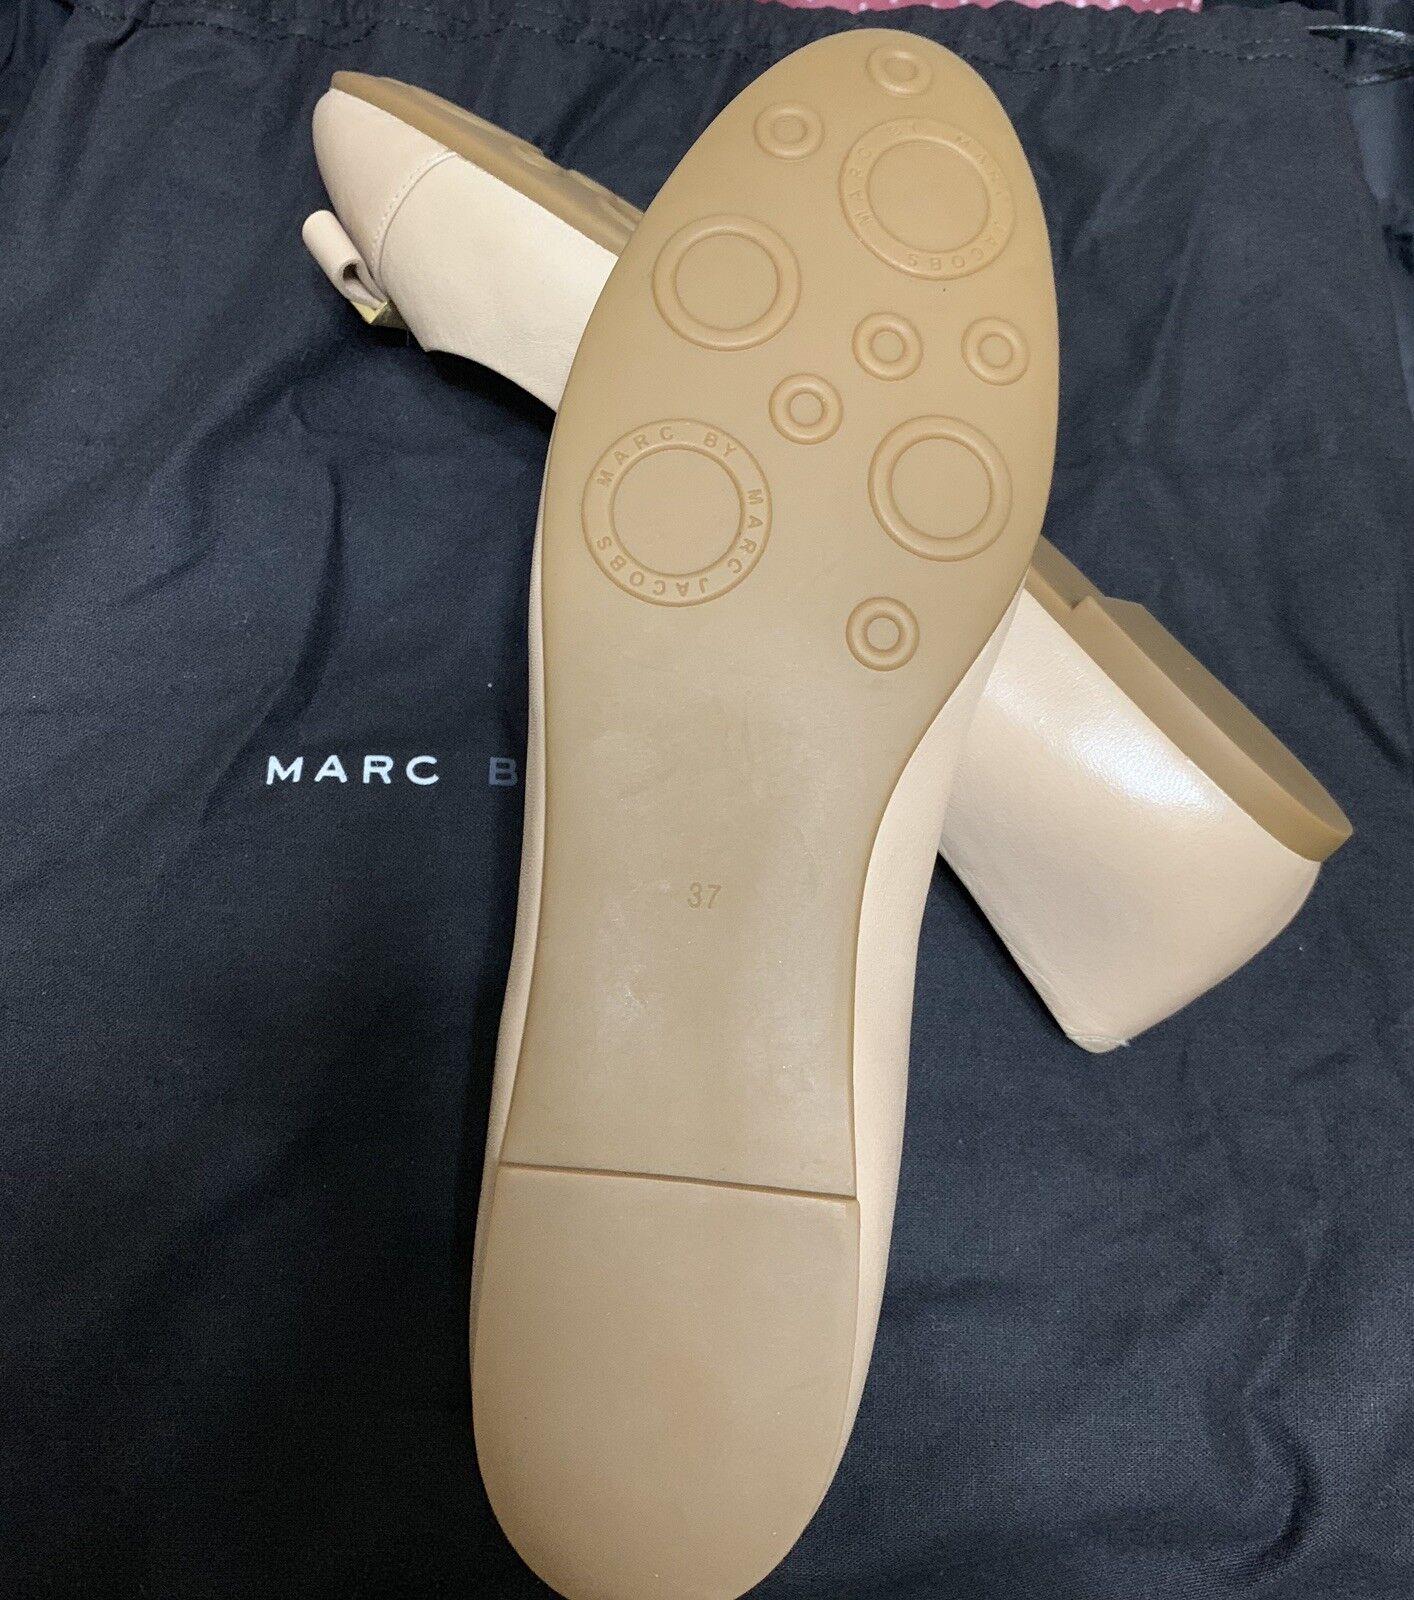 Marc By Marc Jacobs Women's bluee Tuxedo Logo Plaque Plaque Plaque Flats Nude Size 7 EU 37 cbcdf5